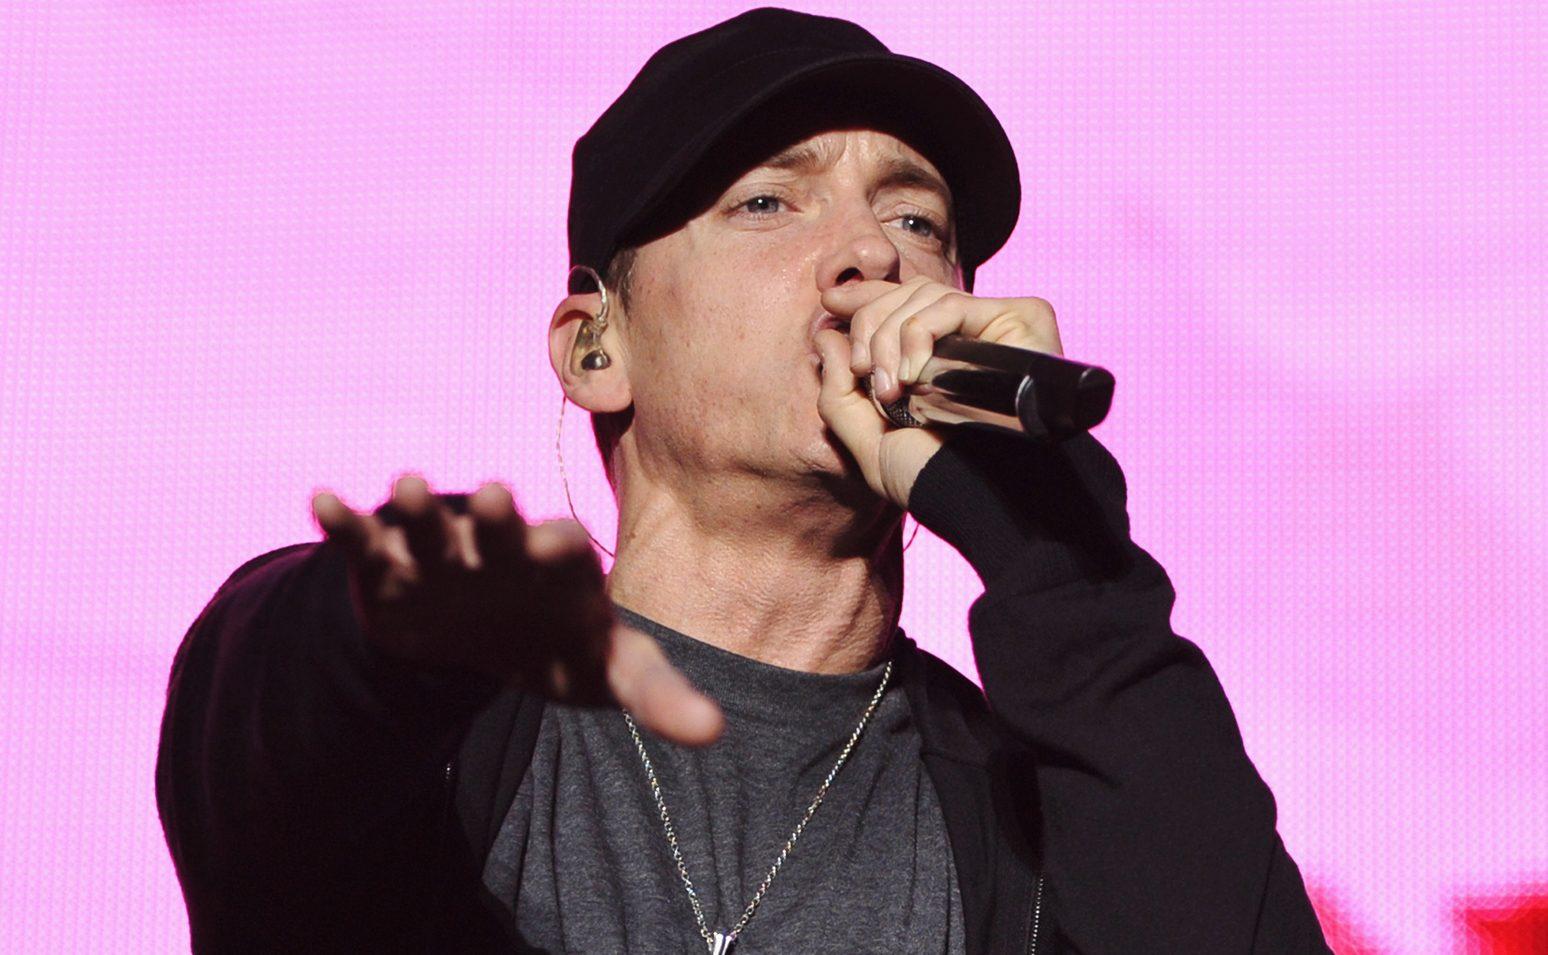 Eminem, Eşcinsel Tanışma Uygulaması Grindr'ı Kullandığını Söyledi!